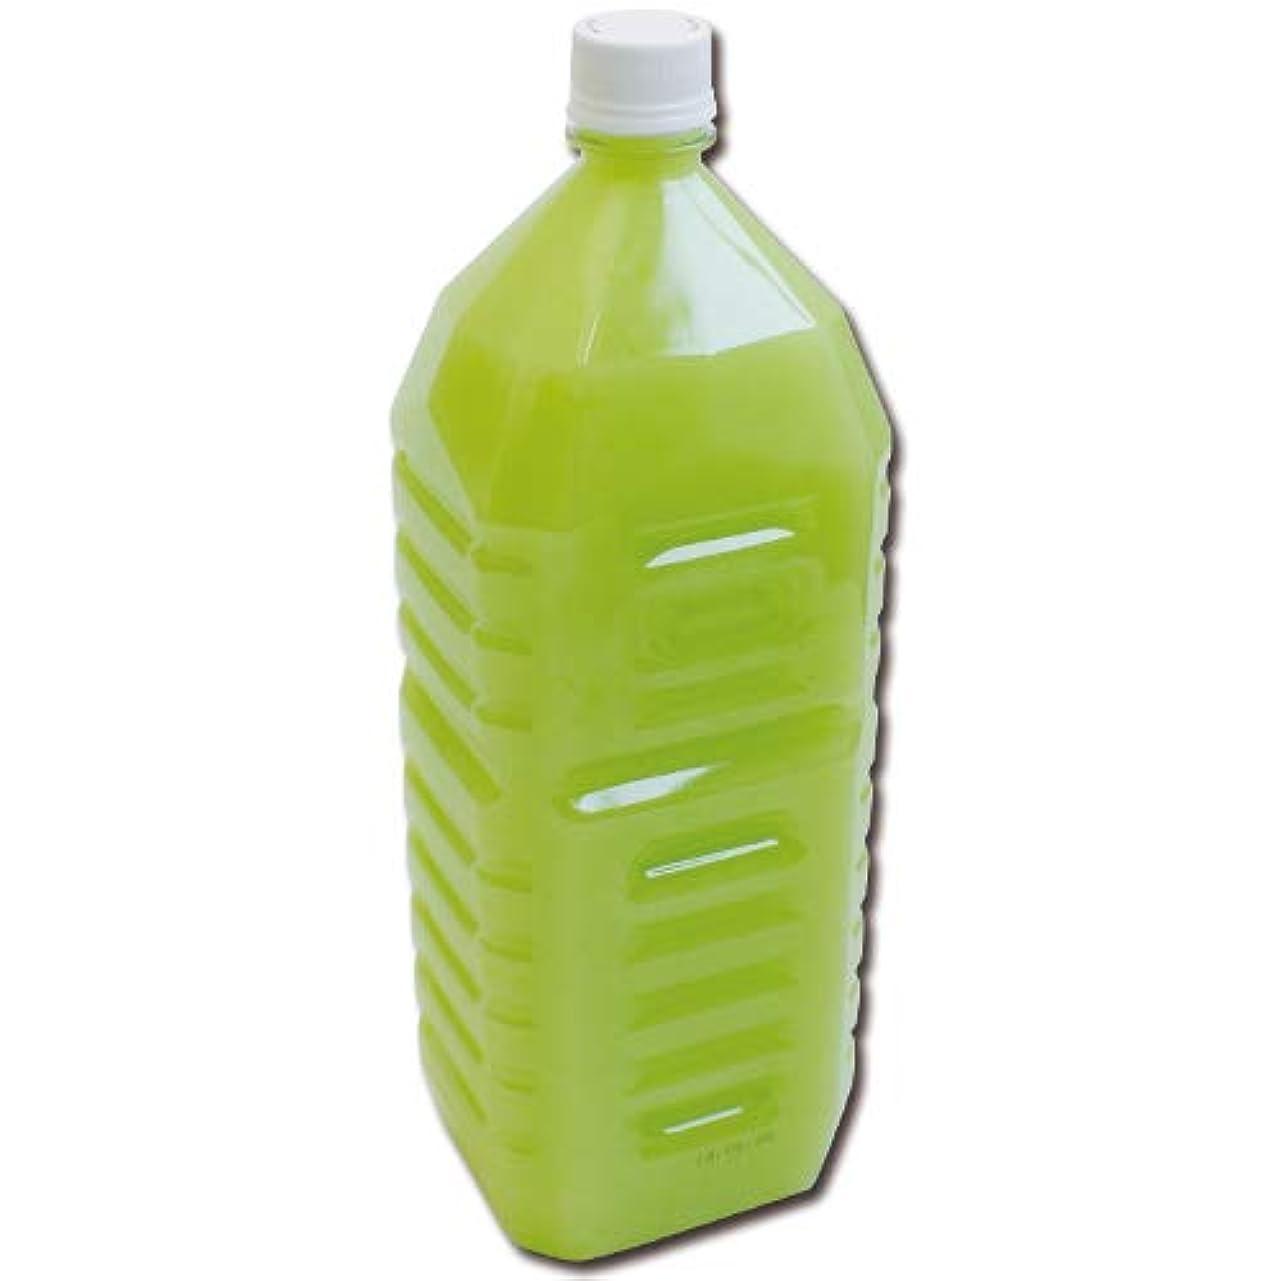 掃く献身湿度アボカドローション アボカドエキス配合 2Lペットボトル ハードタイプ(5倍濃縮原液)│アボガド 業務用ローション ヌルヌル潤滑ローション マッサージゼリー